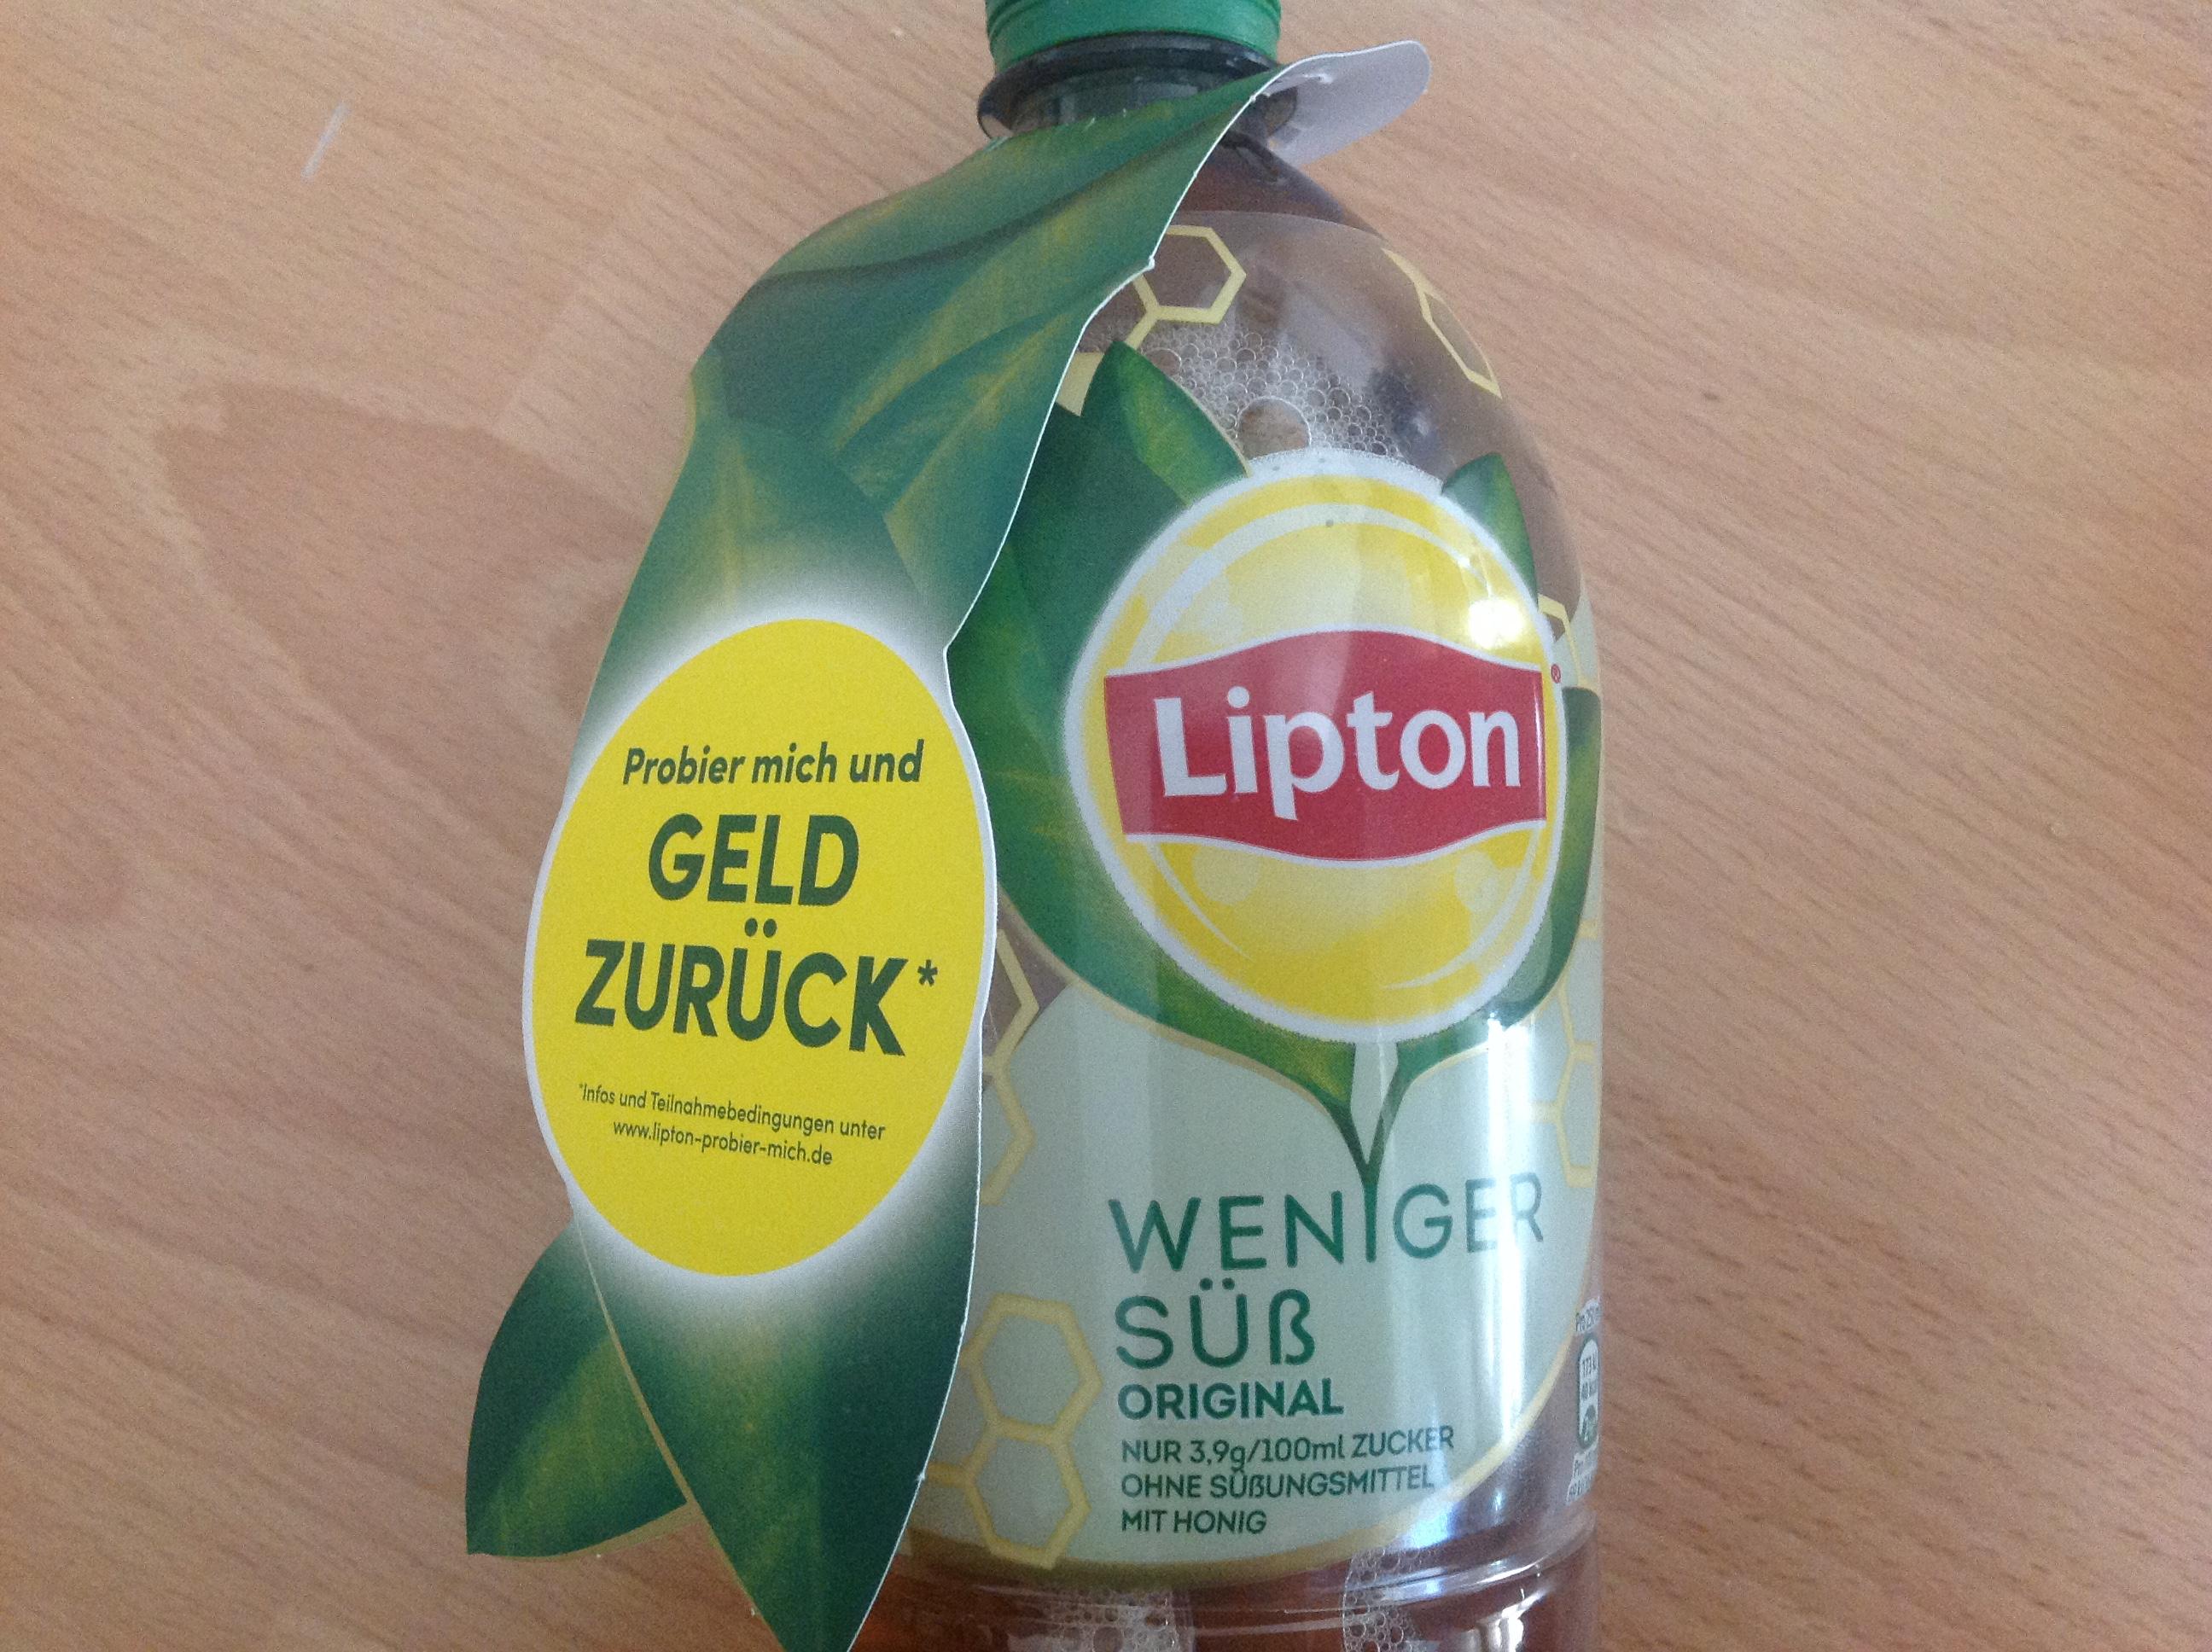 [GZG] Lipton Eistee weniger süß Original oder Pfirsich Nektarine 1,25 l gratis testen